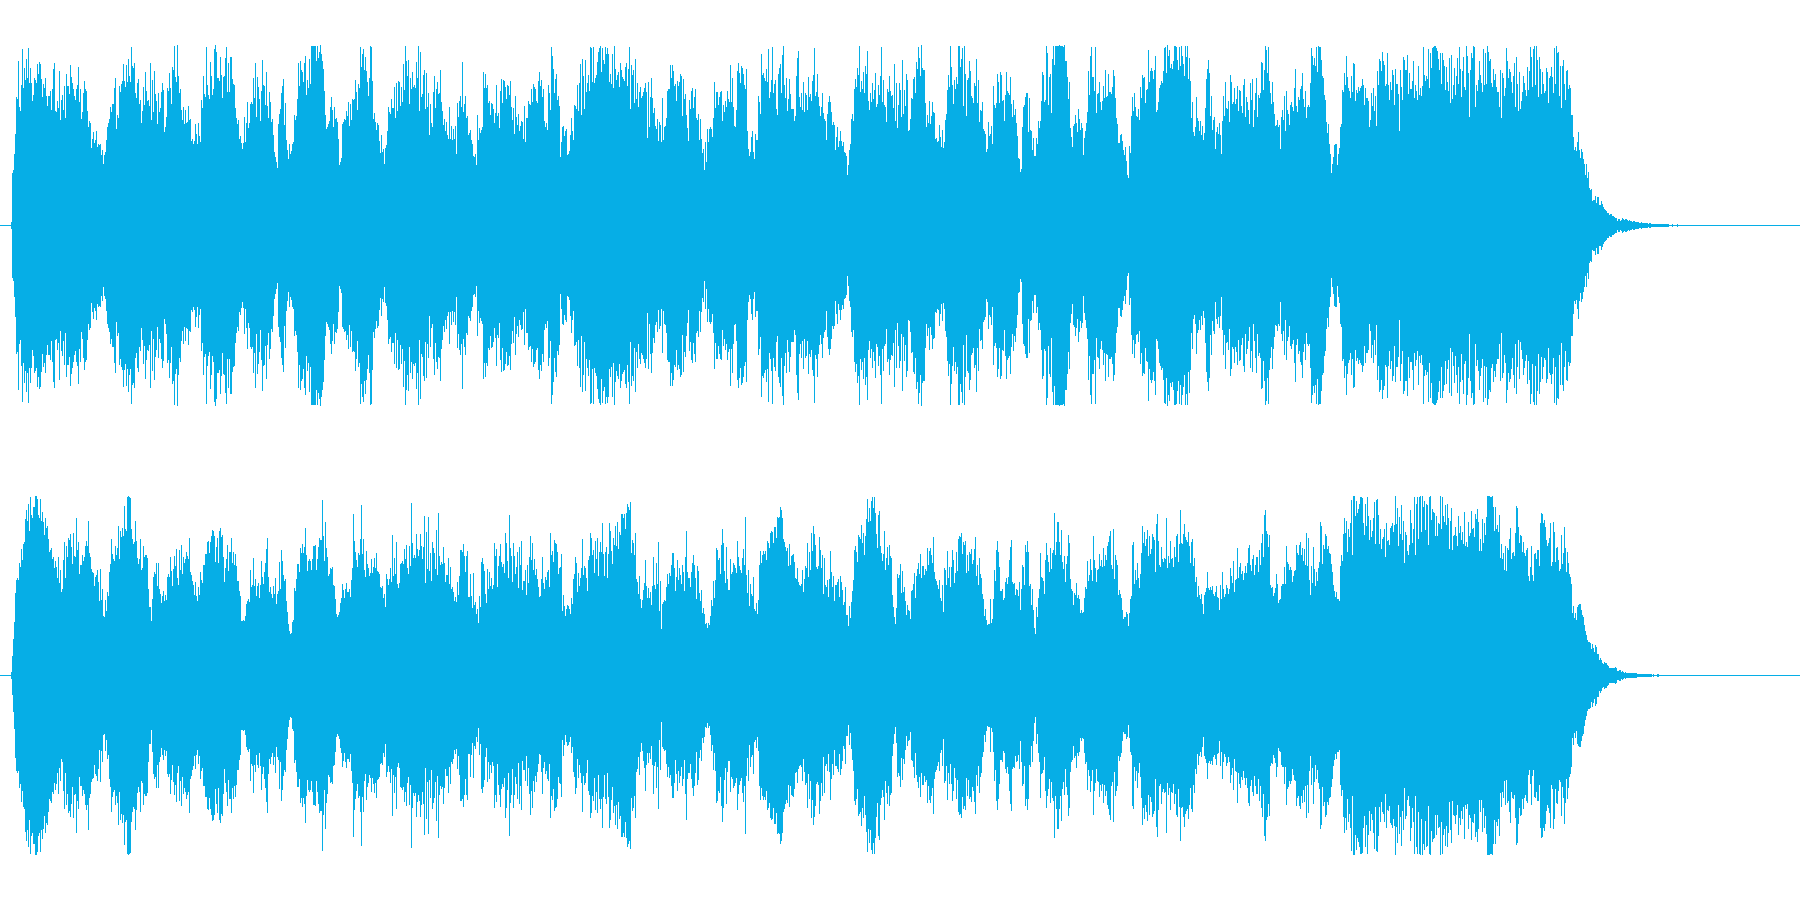 壮大で勇ましいオーケストラファンファーレの再生済みの波形